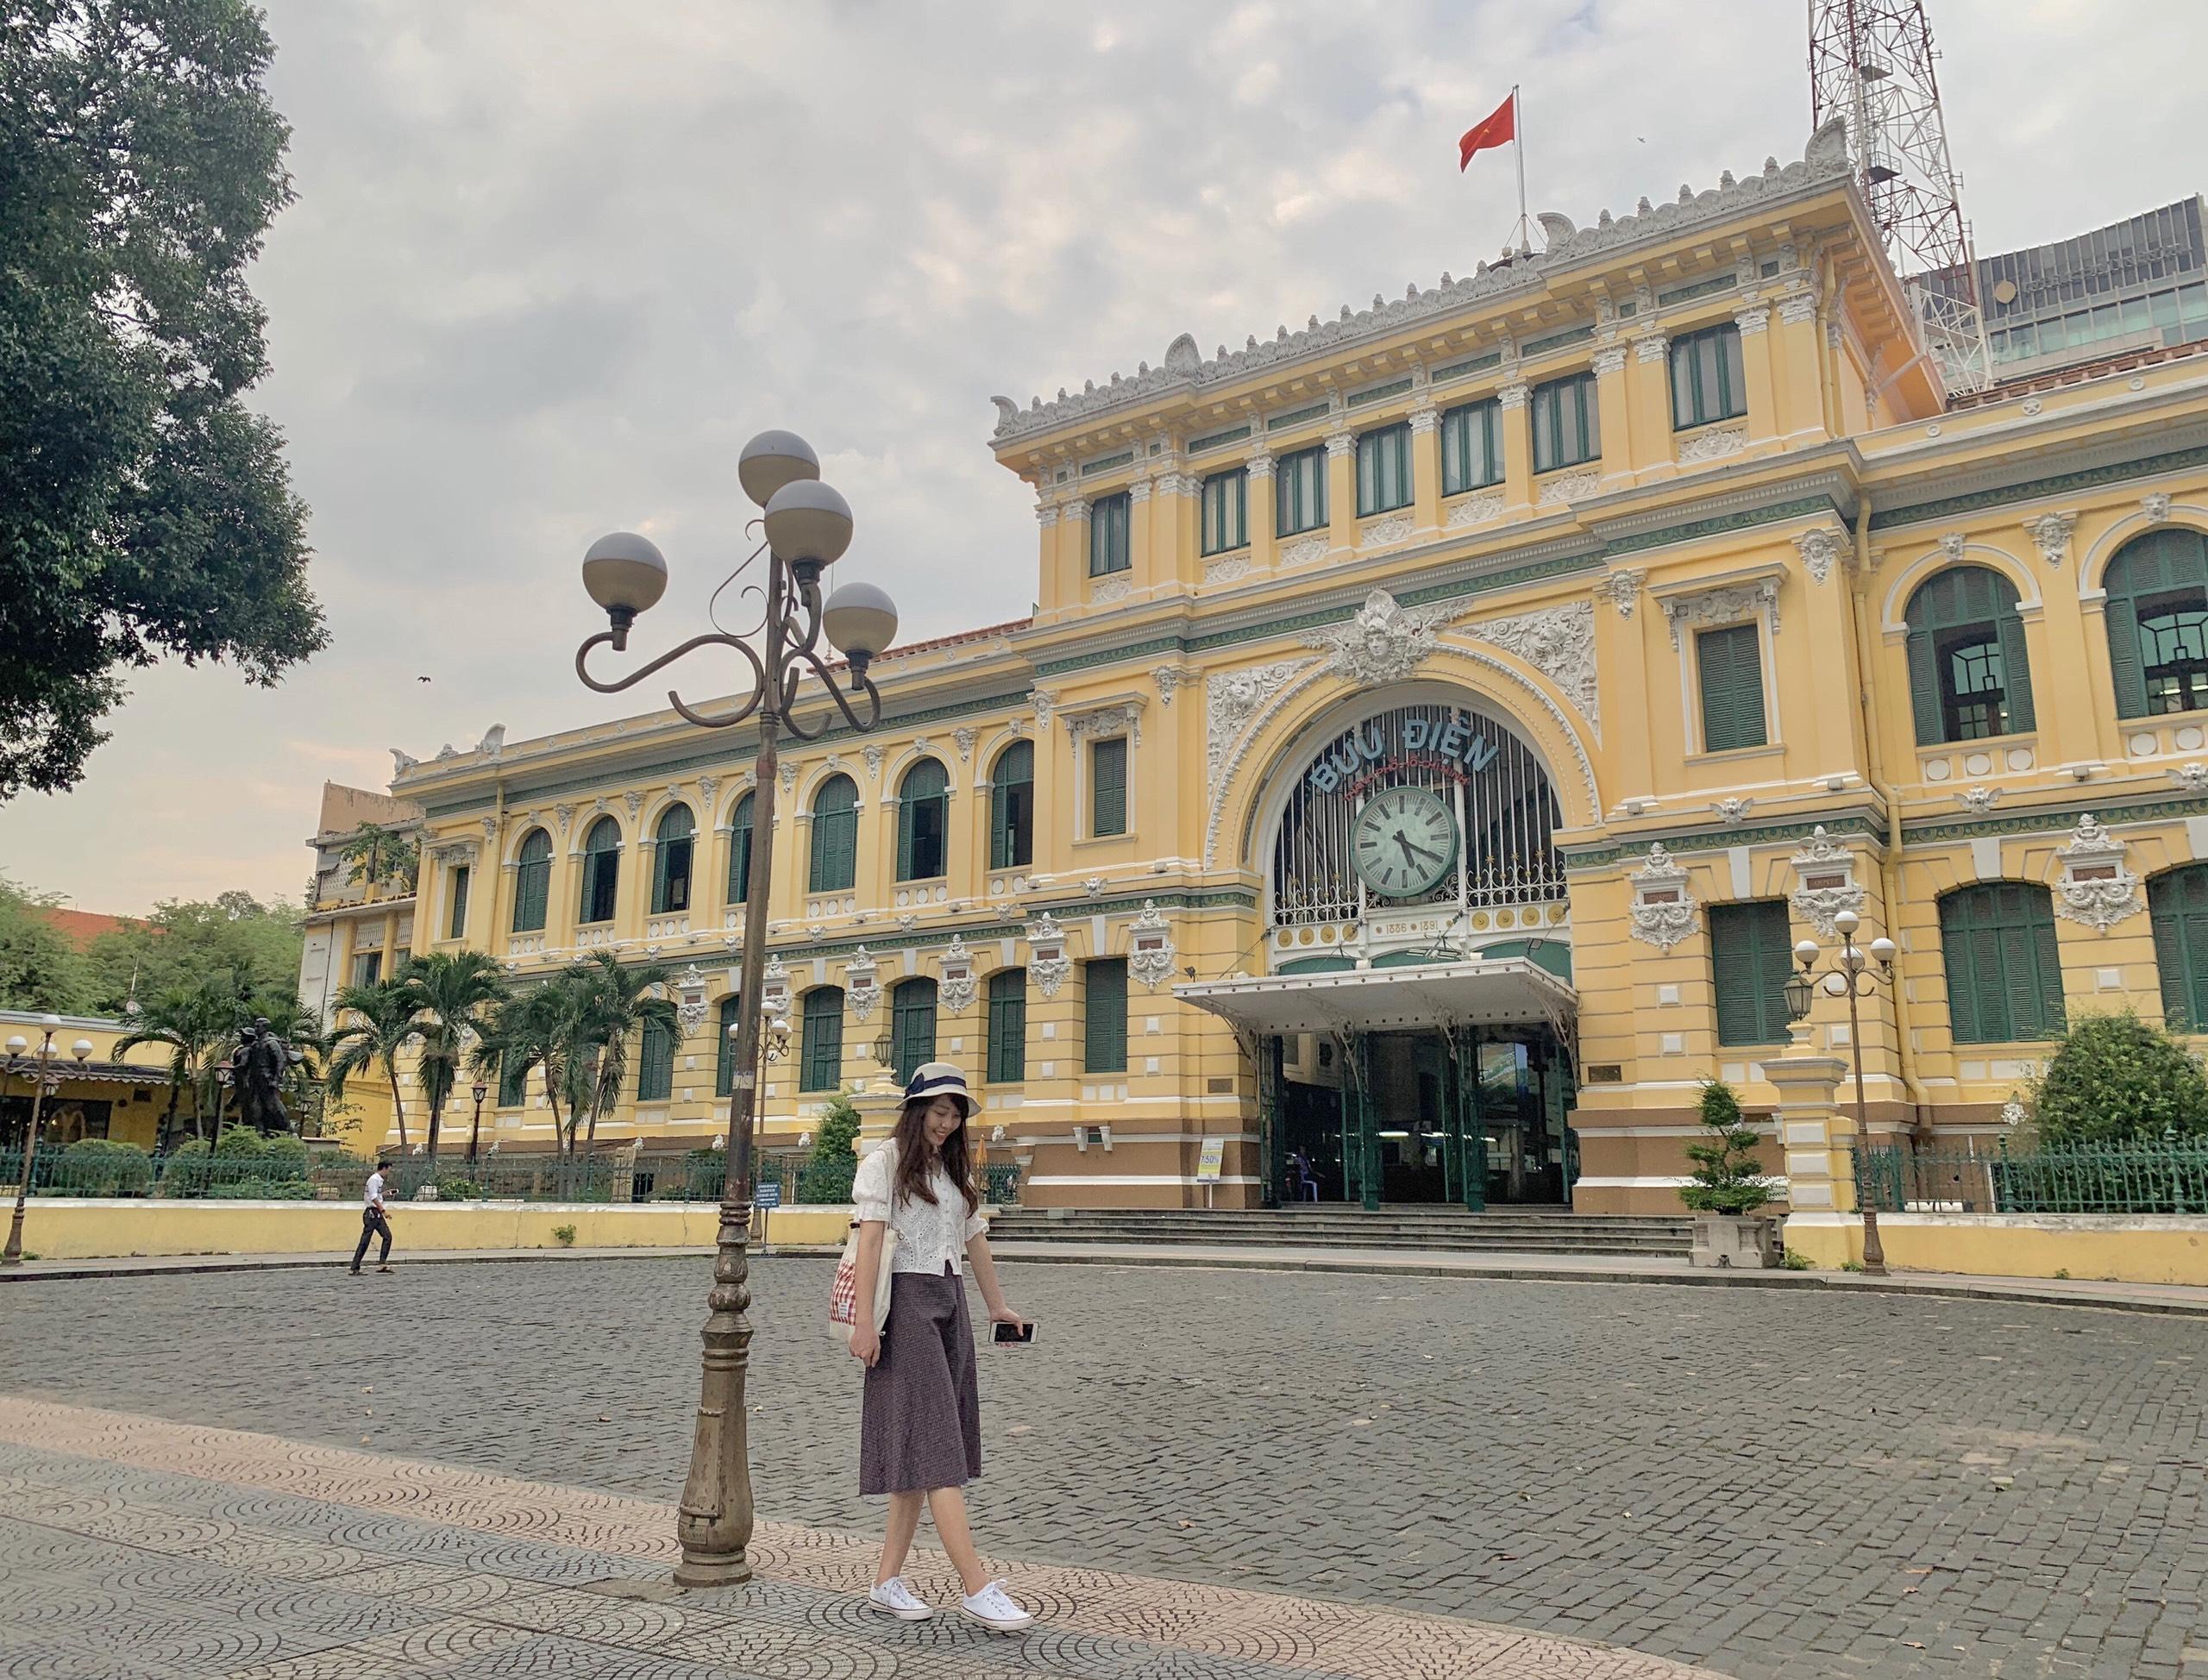 Gợi ý những trải nghiệm không nên bỏ lỡ nếu chỉ có 24 giờ khám phá Sài Gòn - Ảnh 2.